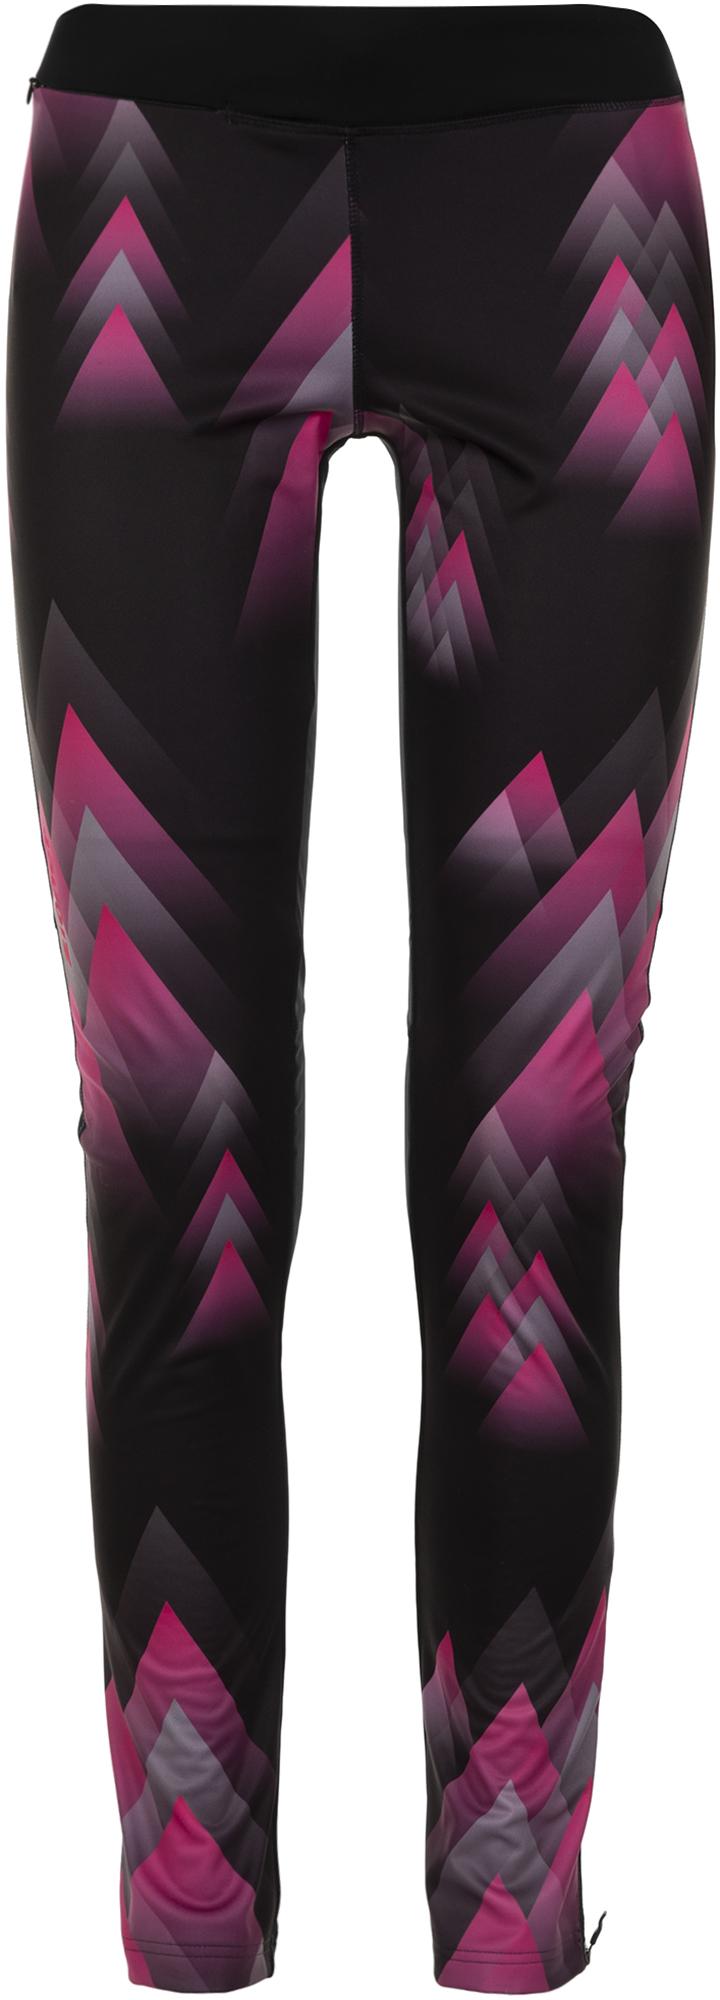 Ziener Брюки женские Ziener Nura, размер 42 брюки женские sela цвет темно серый меланж p 115 874 8310 размер 42